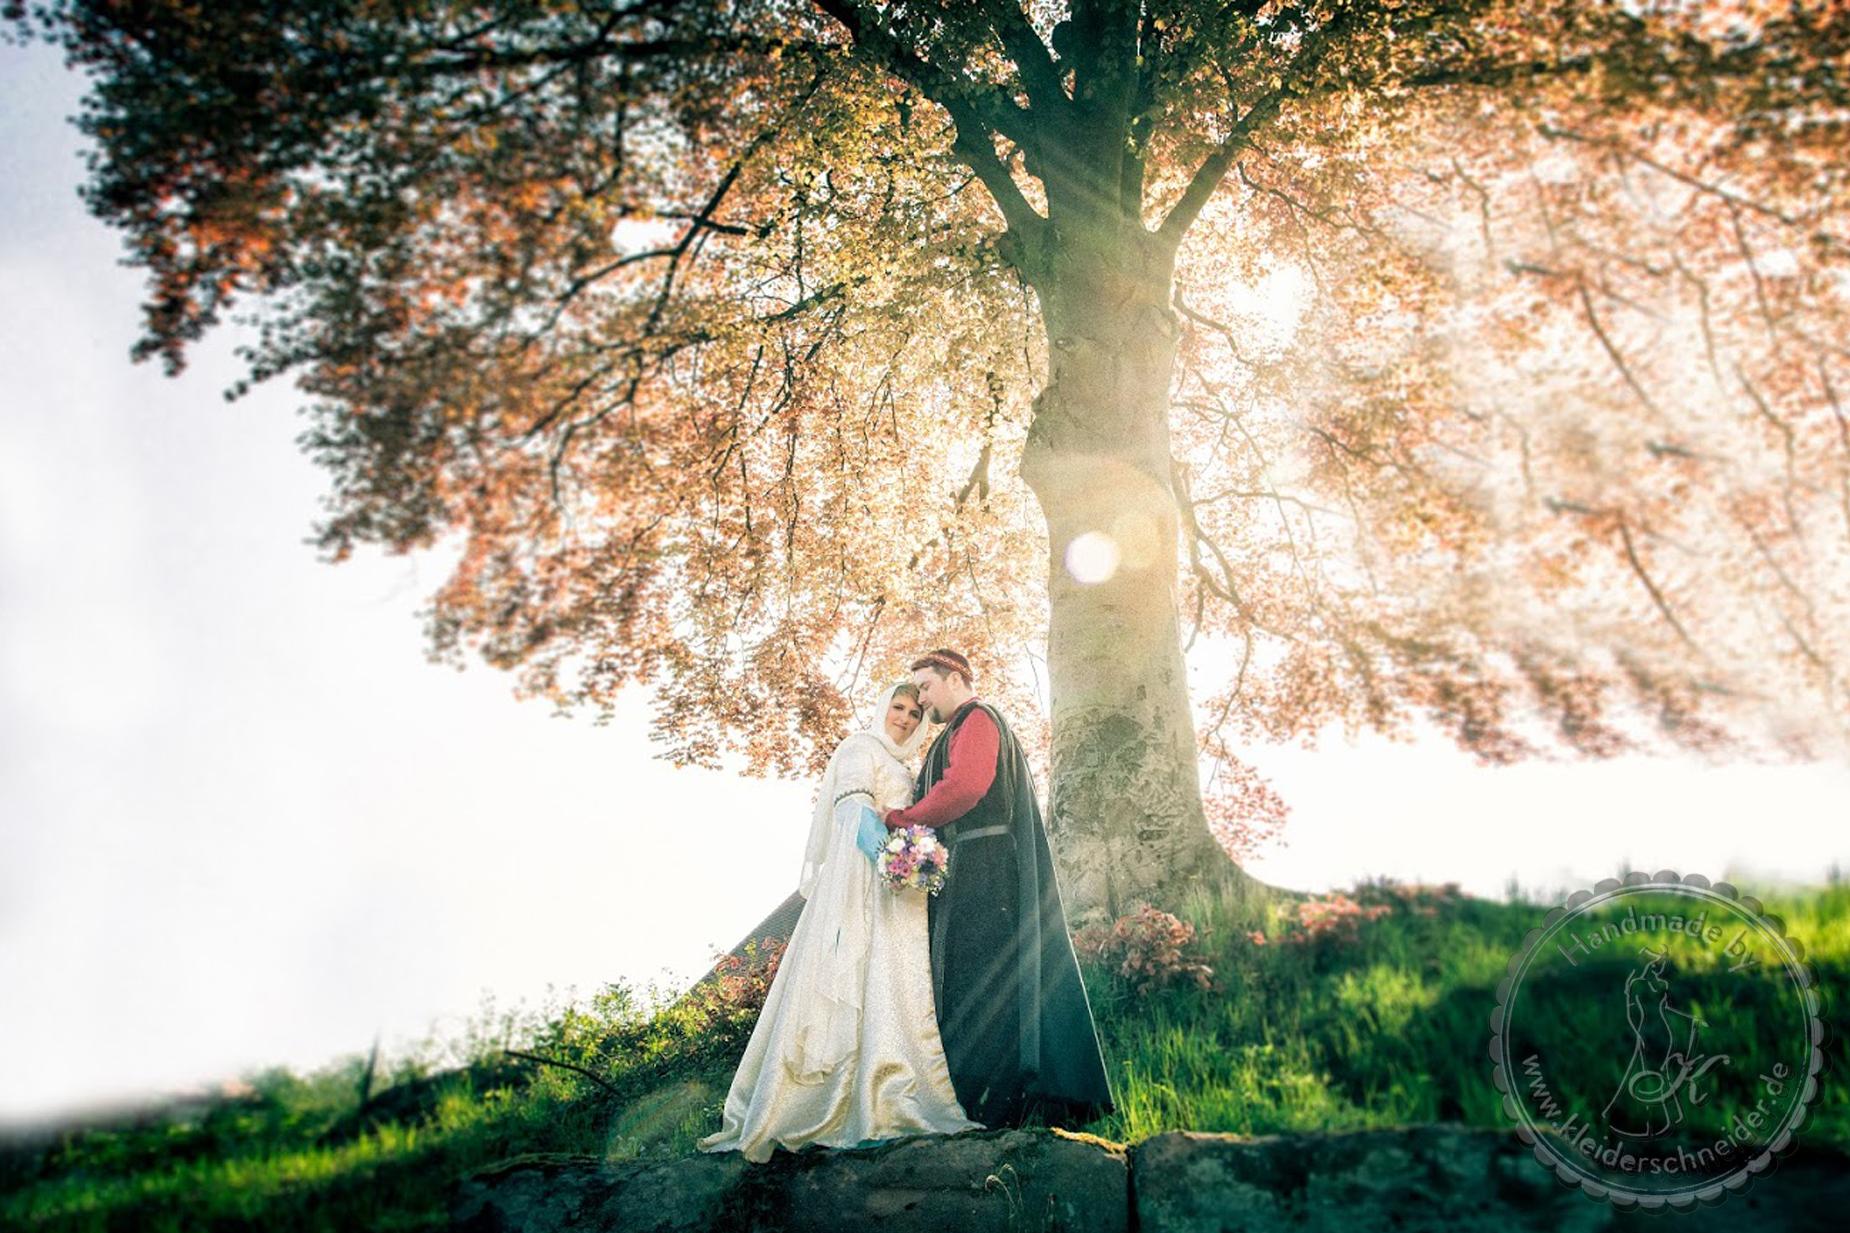 Mittelalter Hochzeit Gewand